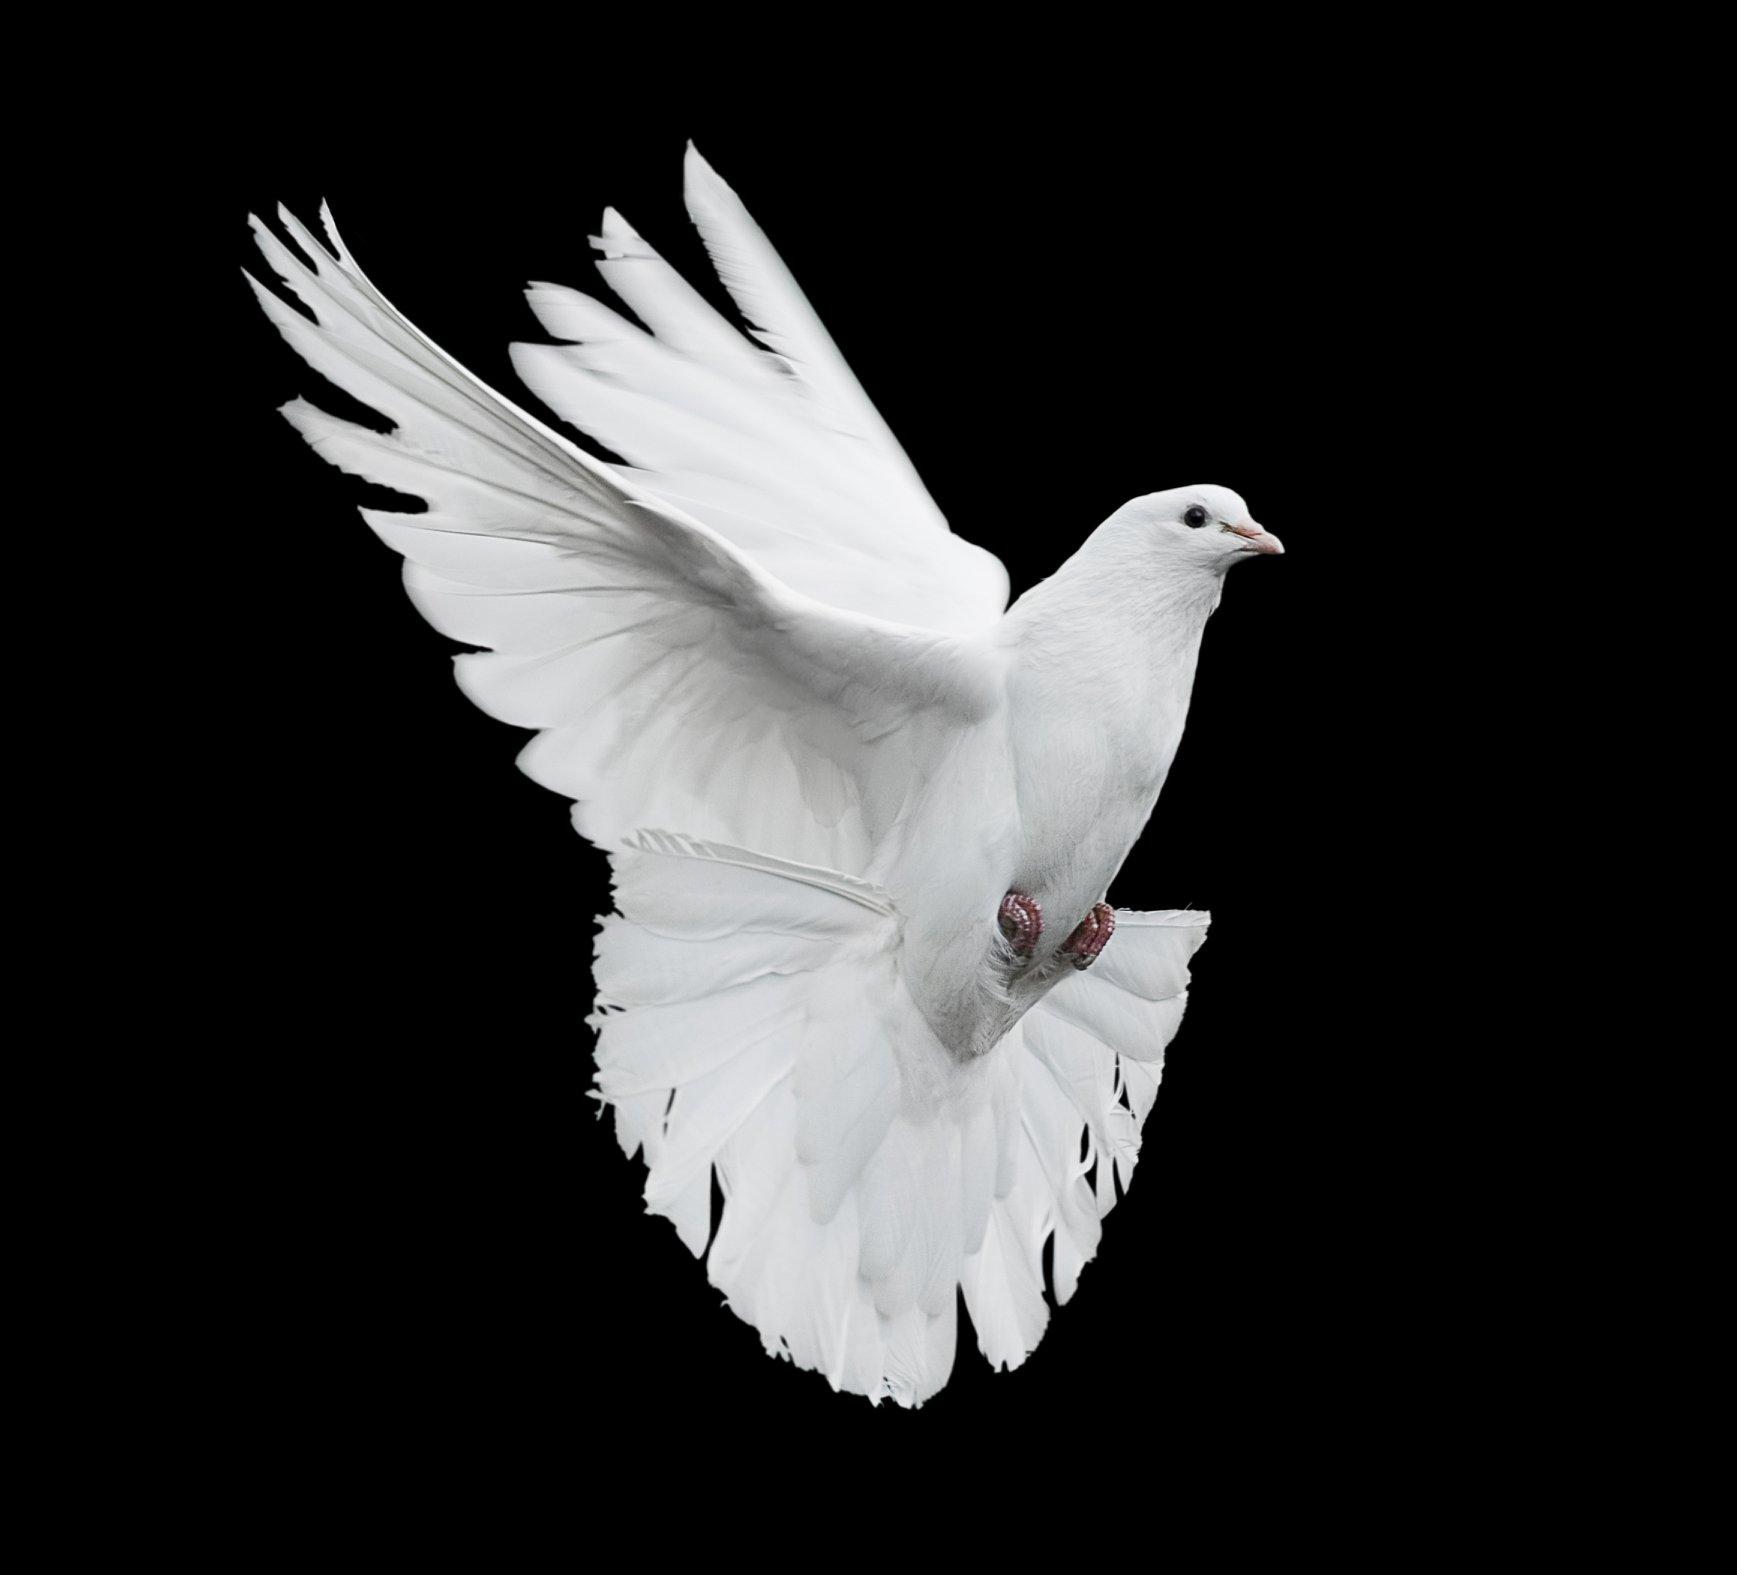 صور حمام ابيض يرفرف في السماء 11 صور حمامه السلام